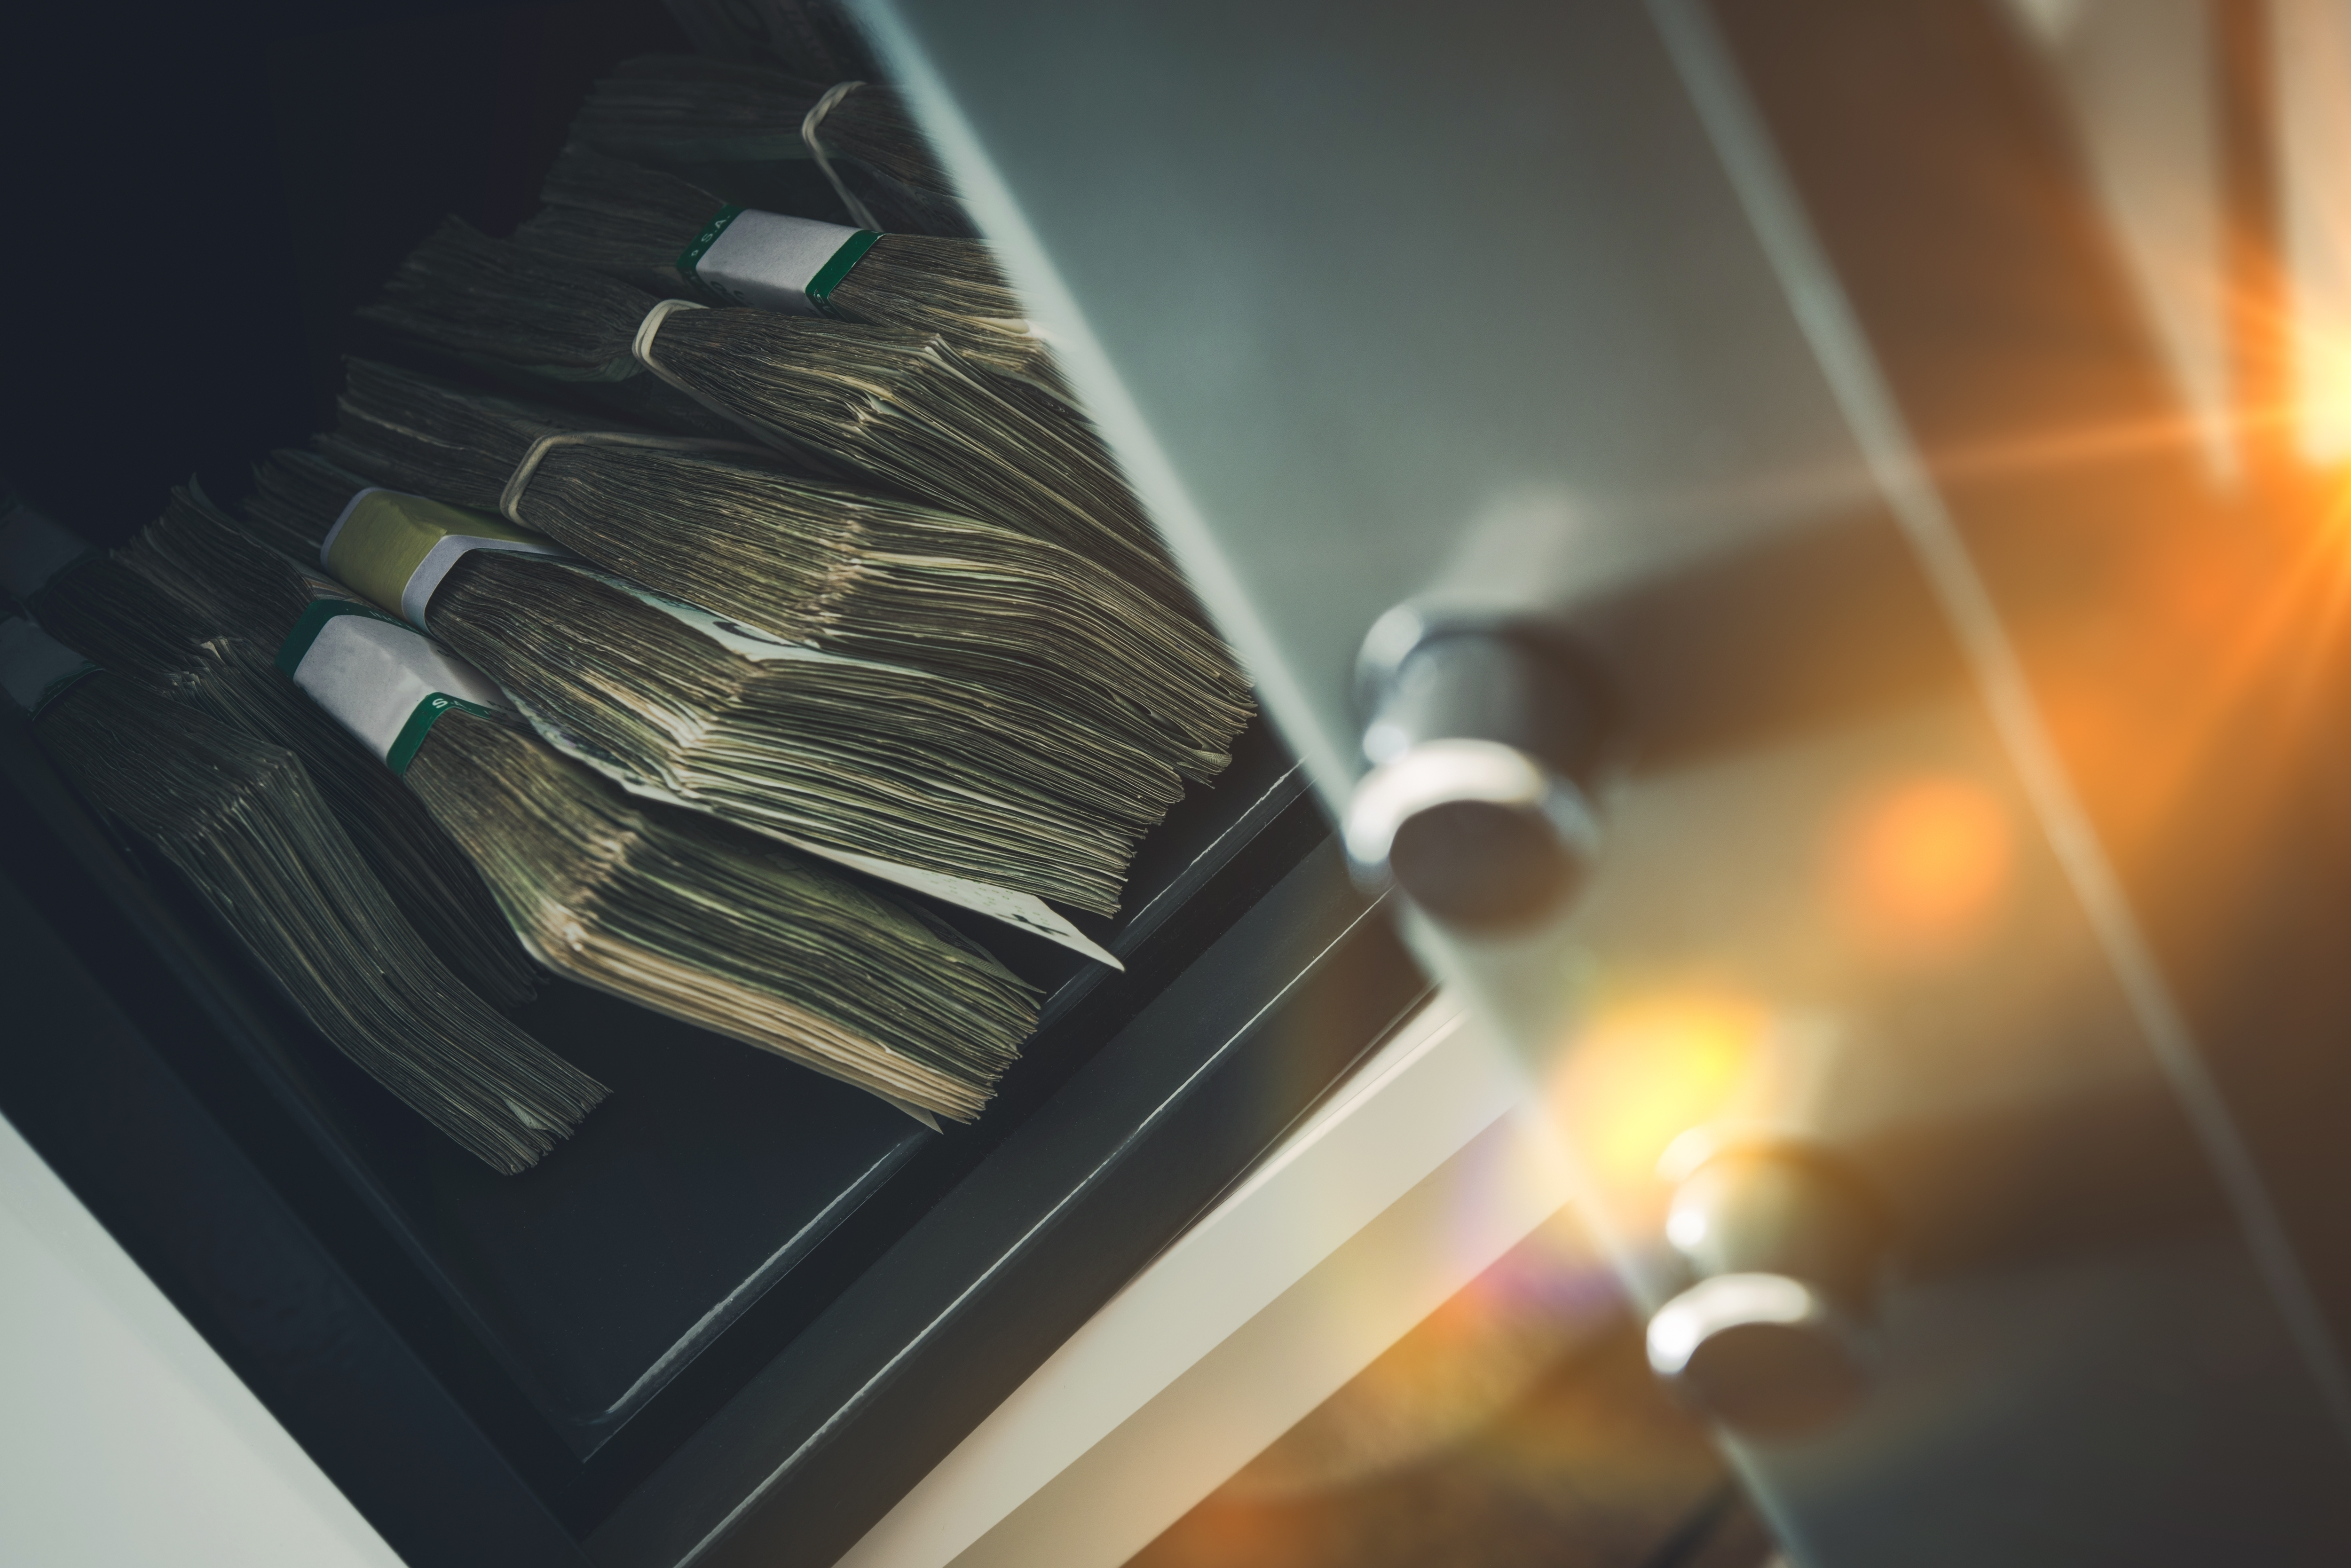 fajos de billetes guardados de forma sospechosa para blanqueo de capitales